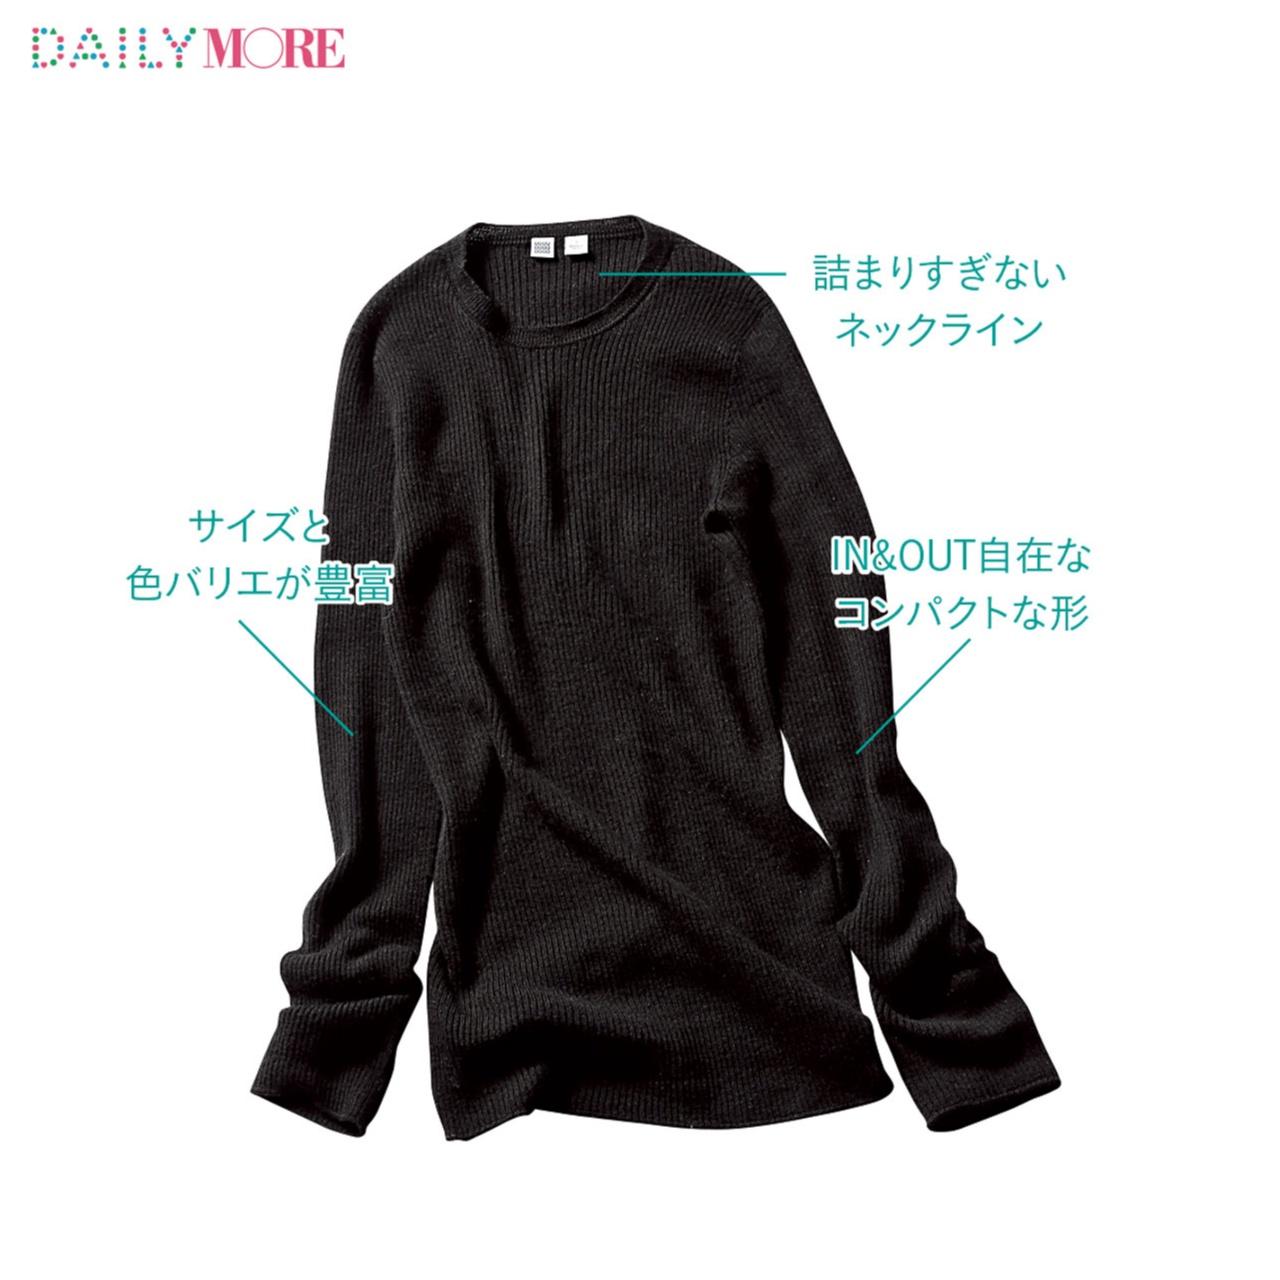 人気スタイリスト上村若菜さん発「ココでこれ買う」! ユニクロとZARAの超絶名品_2